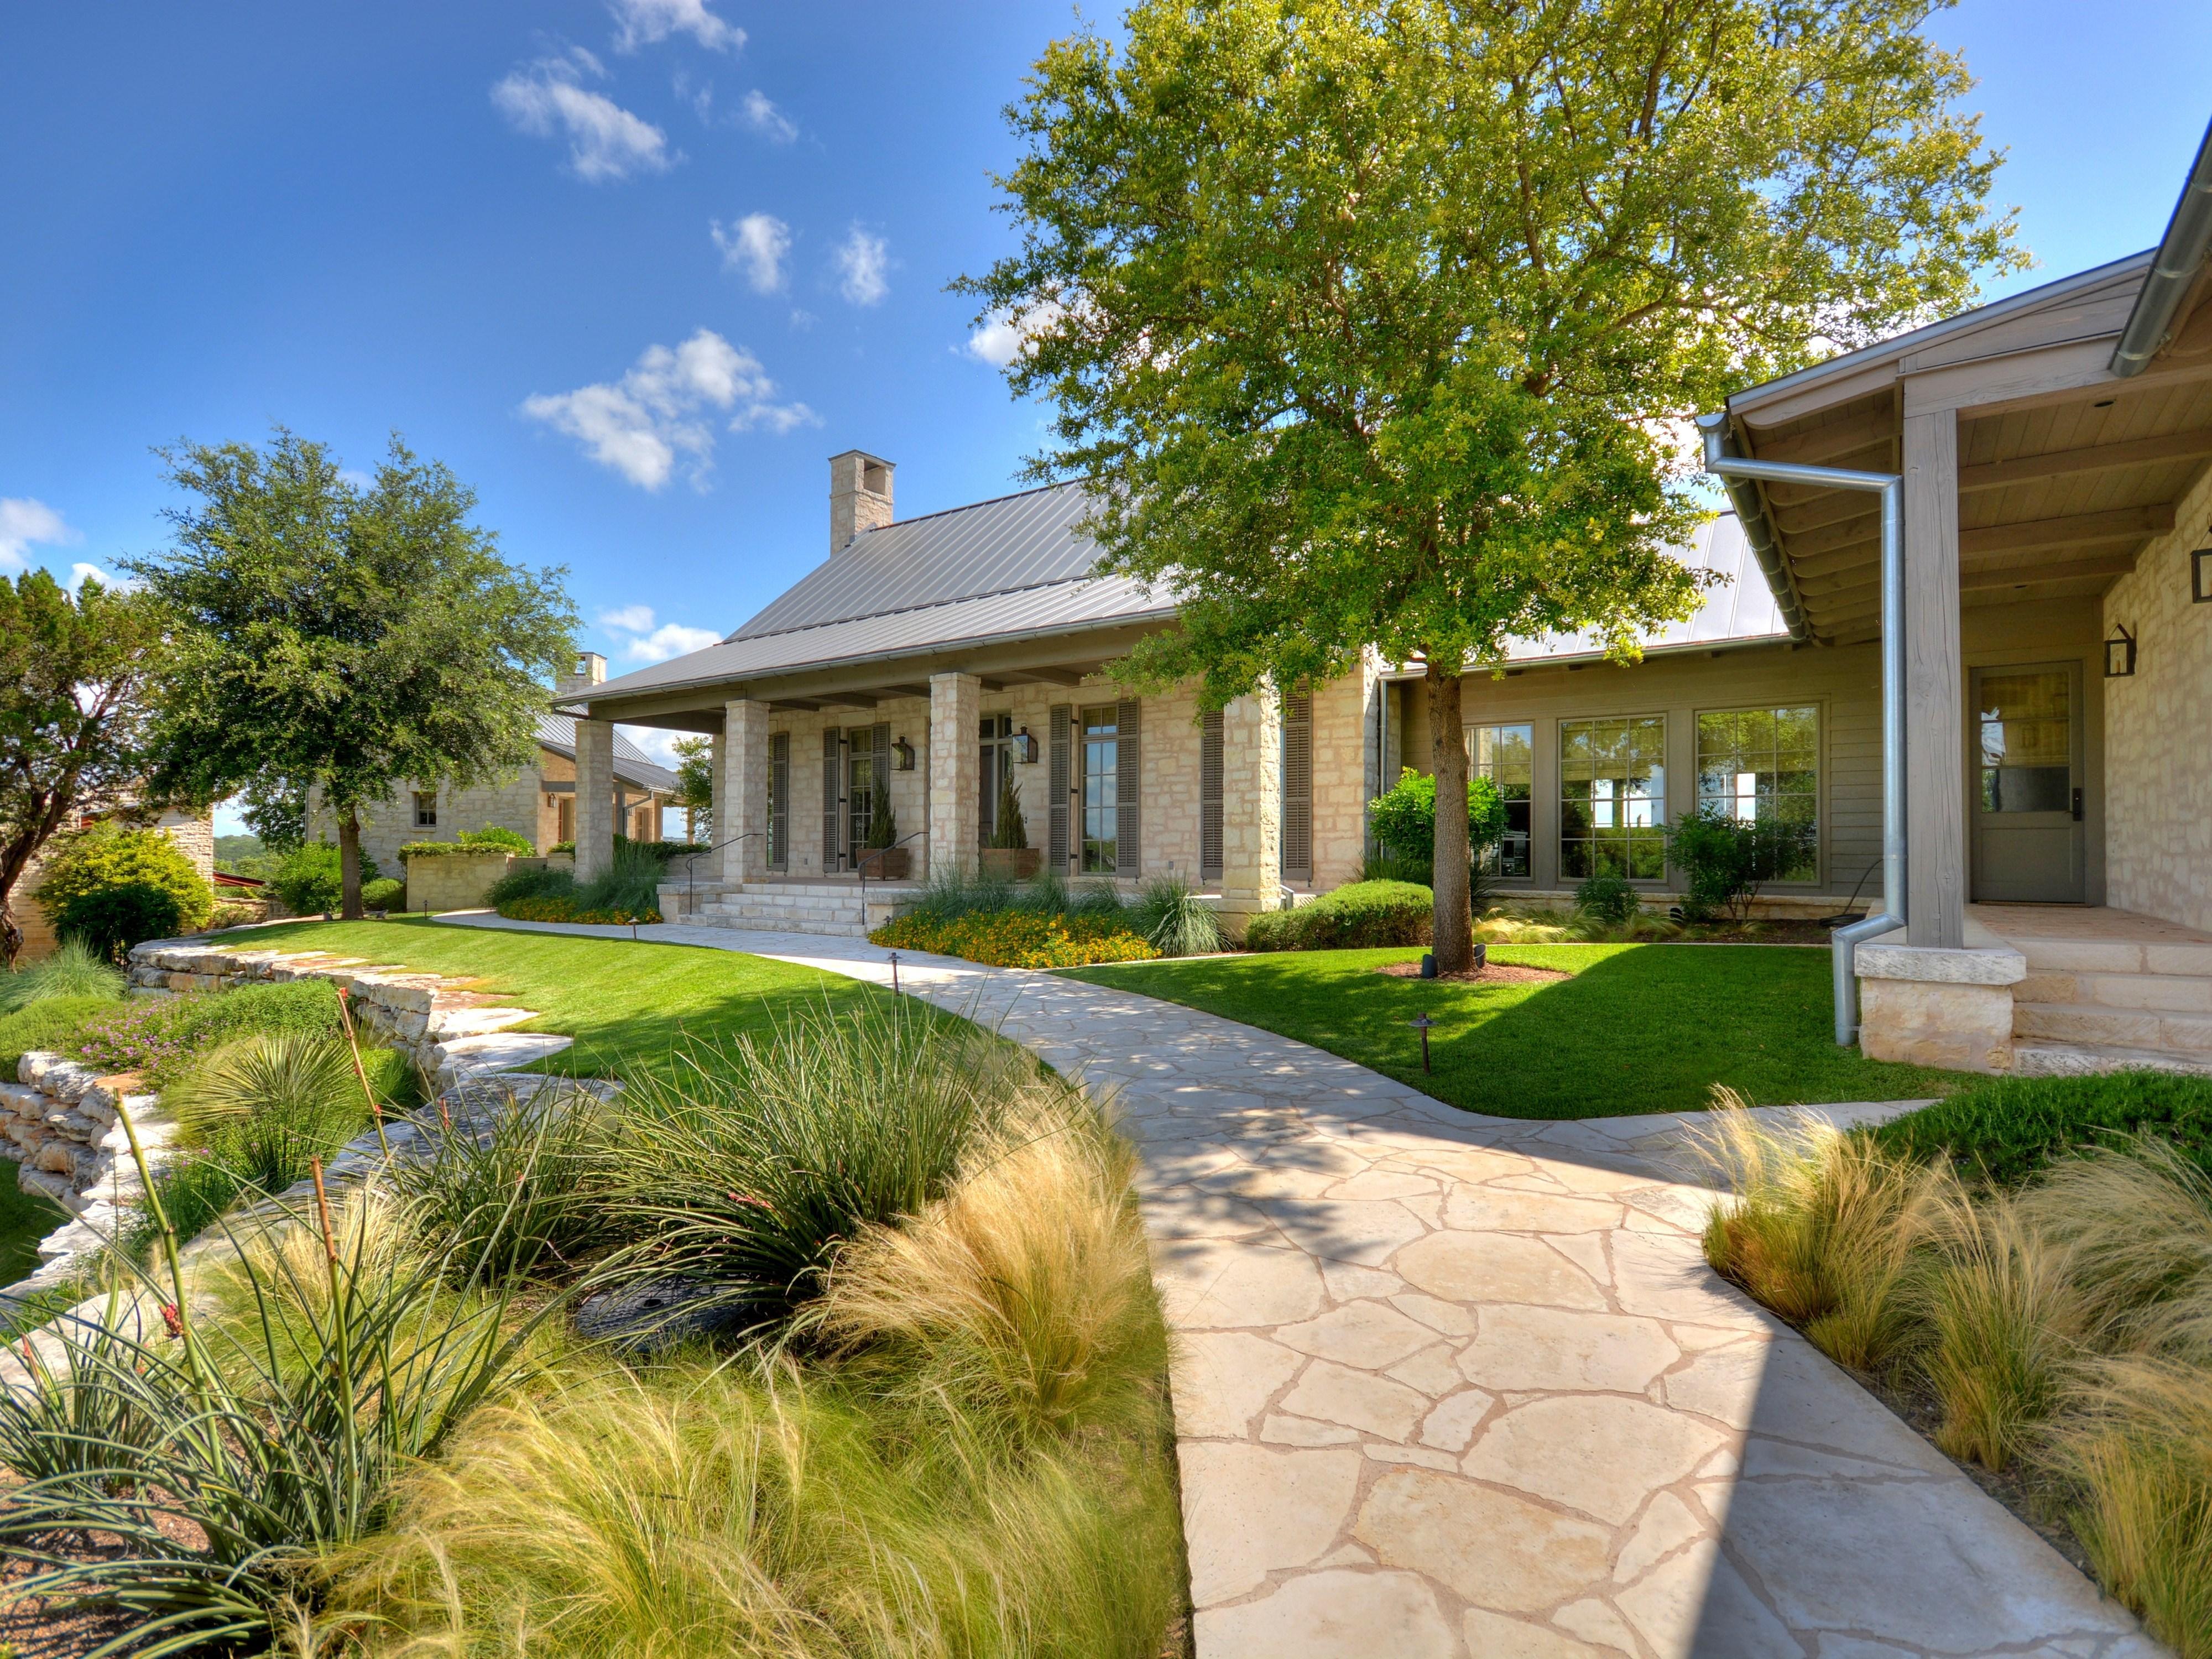 Villa per Vendita alle ore Distinctive Lakefront Home with Remarkable Views 2913 Marina Shores Dr Austin, Texas 78669 Stati Uniti